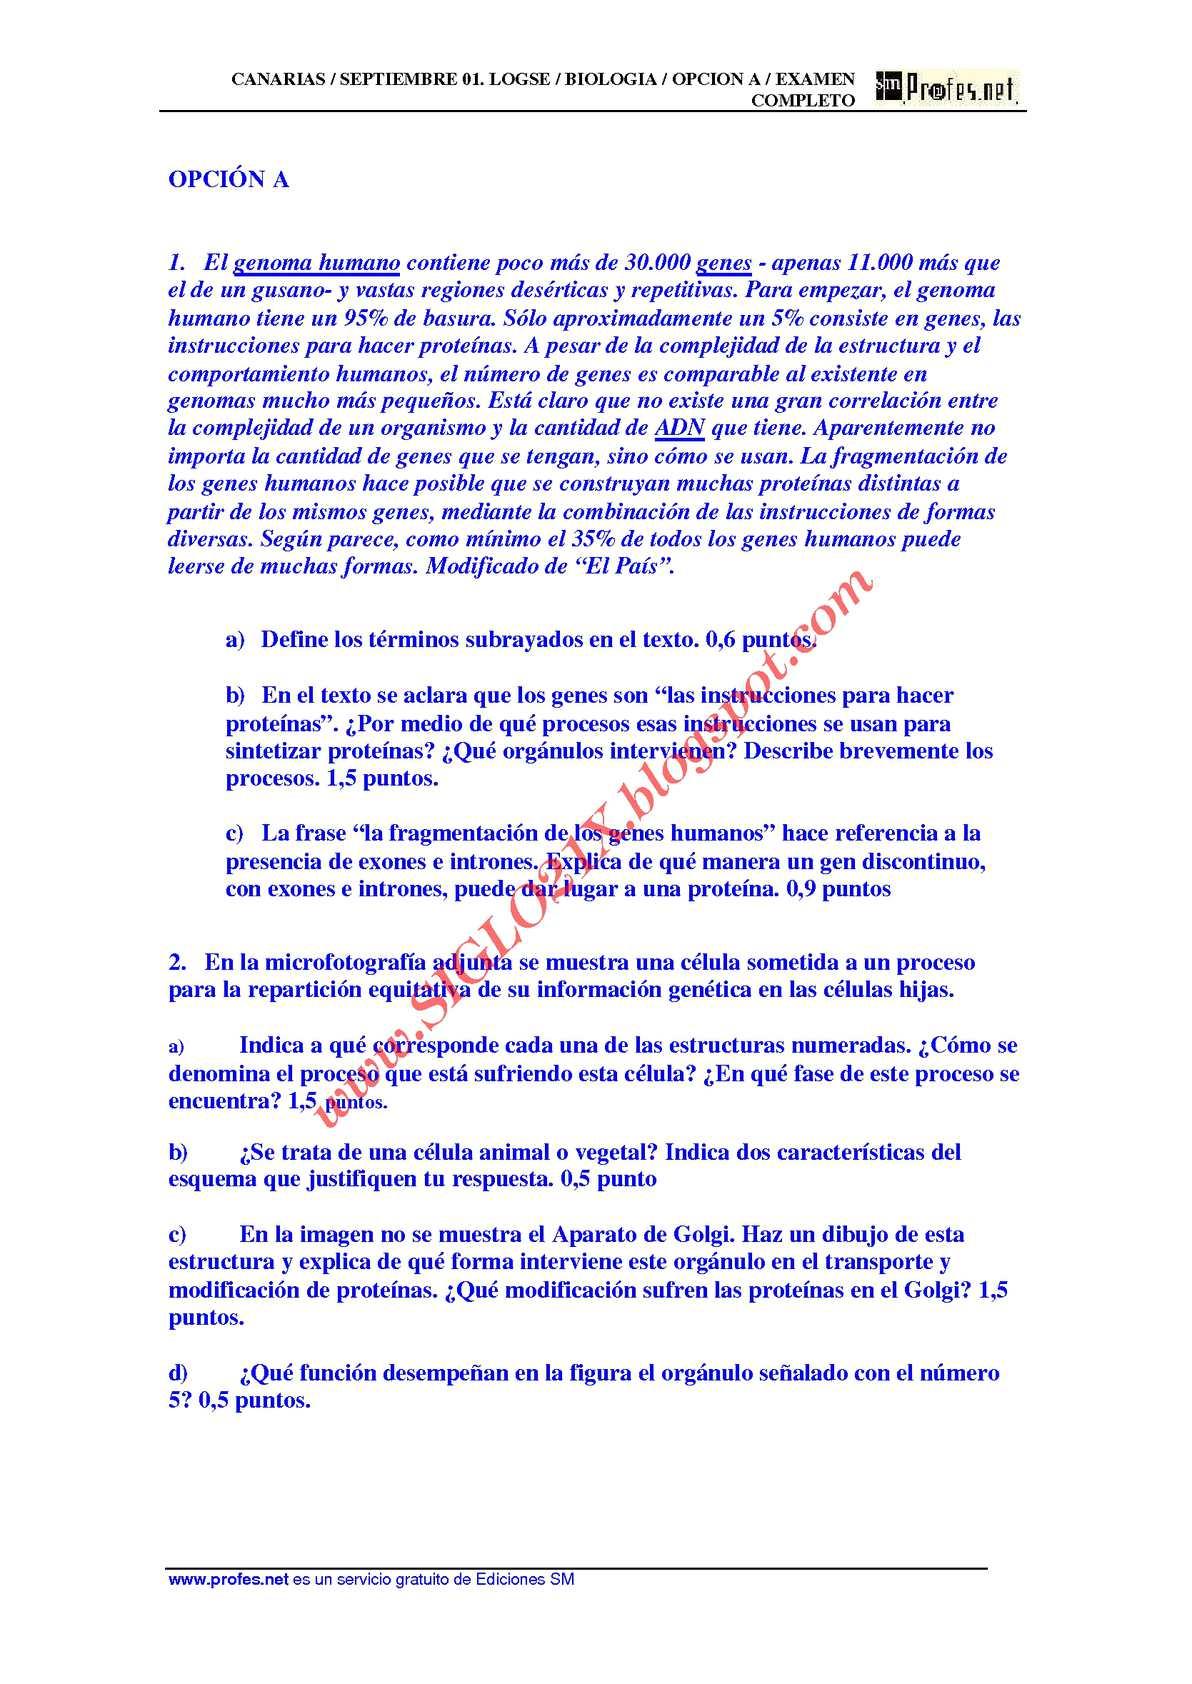 Calaméo - BIOLOGIA-SELECTIVIDAD-EXAMEN RESUELTO 4 CANARIAS-www ...